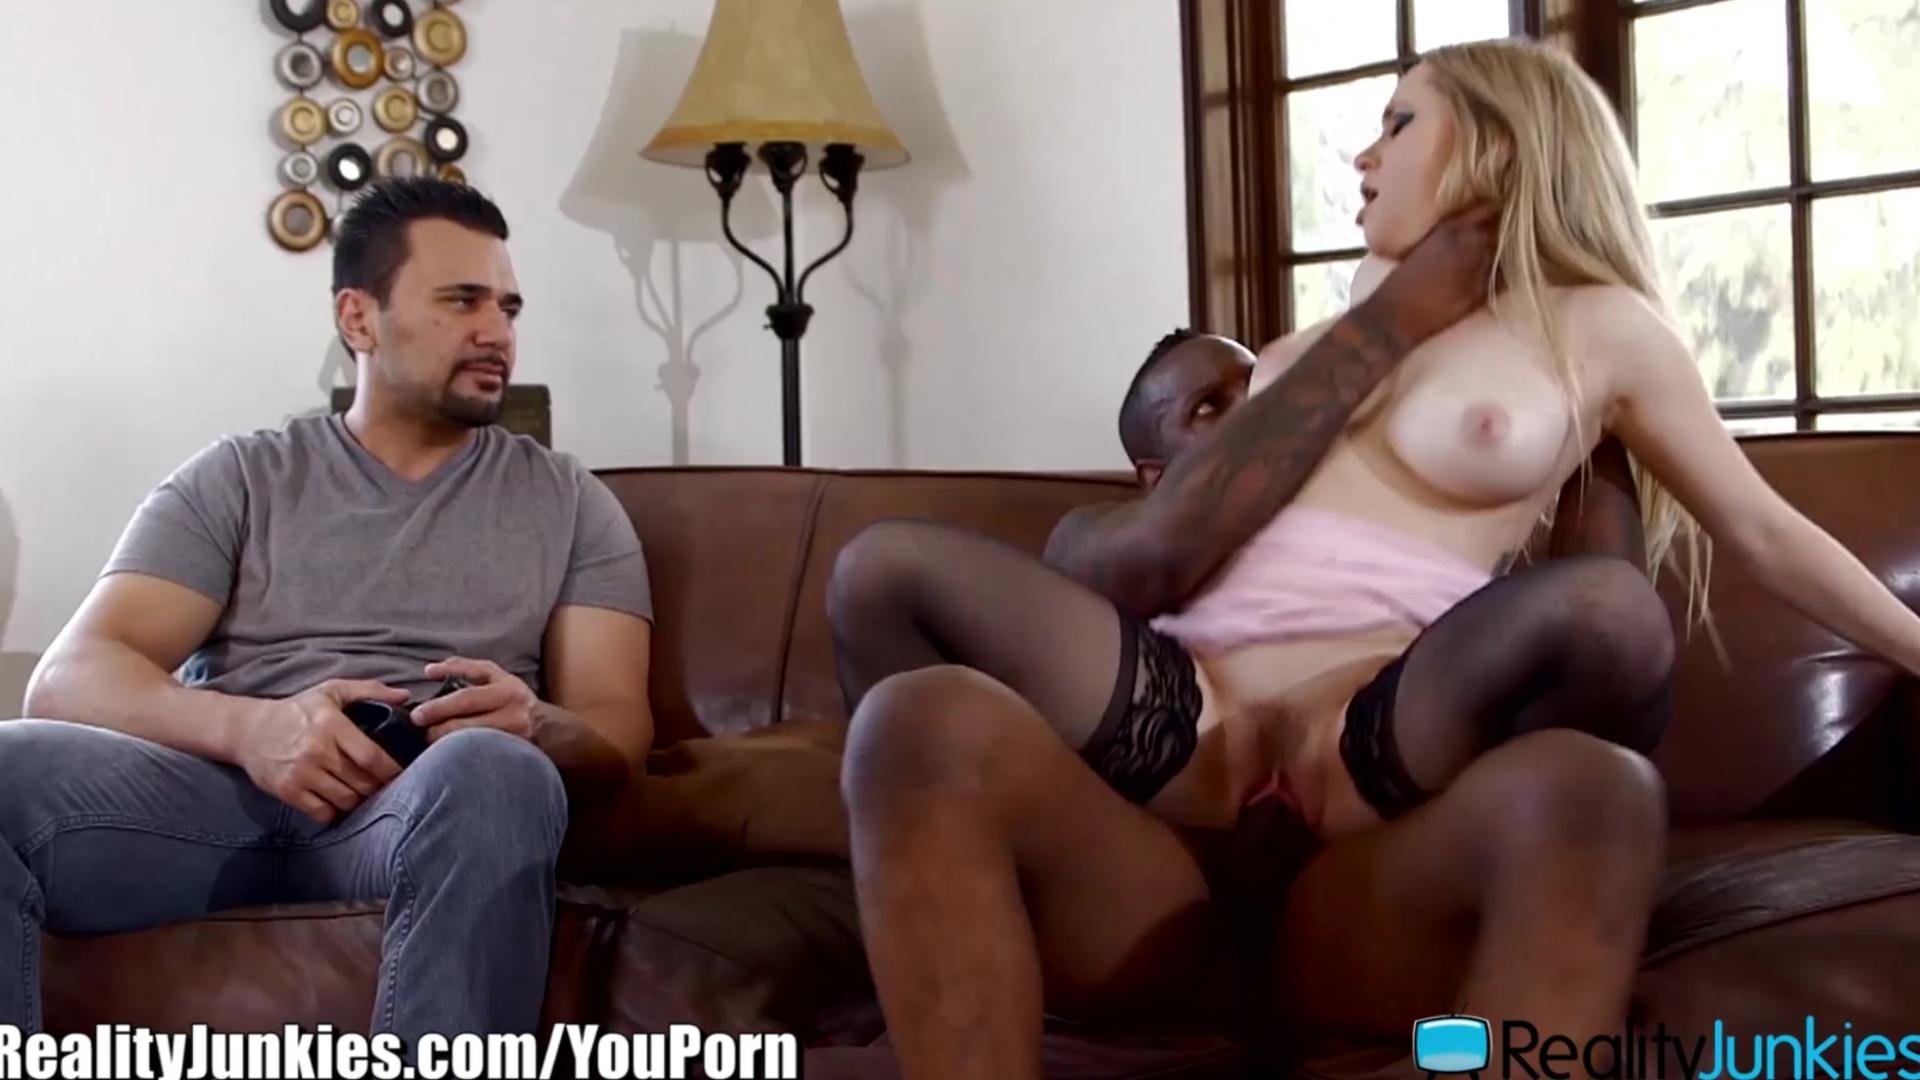 Рейтинг  XXX  Порно онлайн  InfoTorNet  Каталог